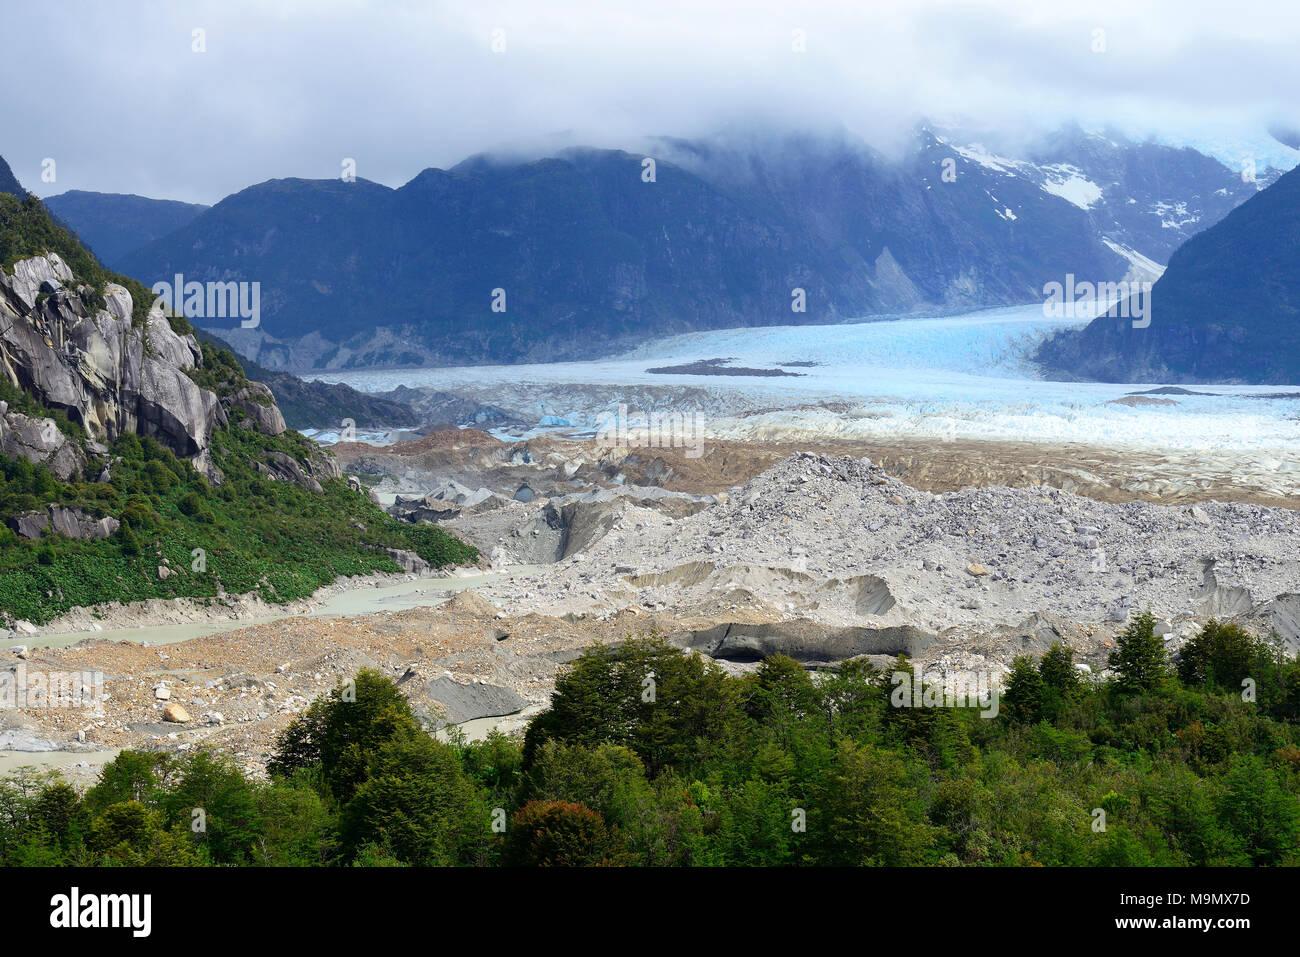 Glacier Exploradores with pebbles moraine, Valle Exploradores, near Puerto Rio Tranquilo, Región de Aysén, Chile - Stock Image